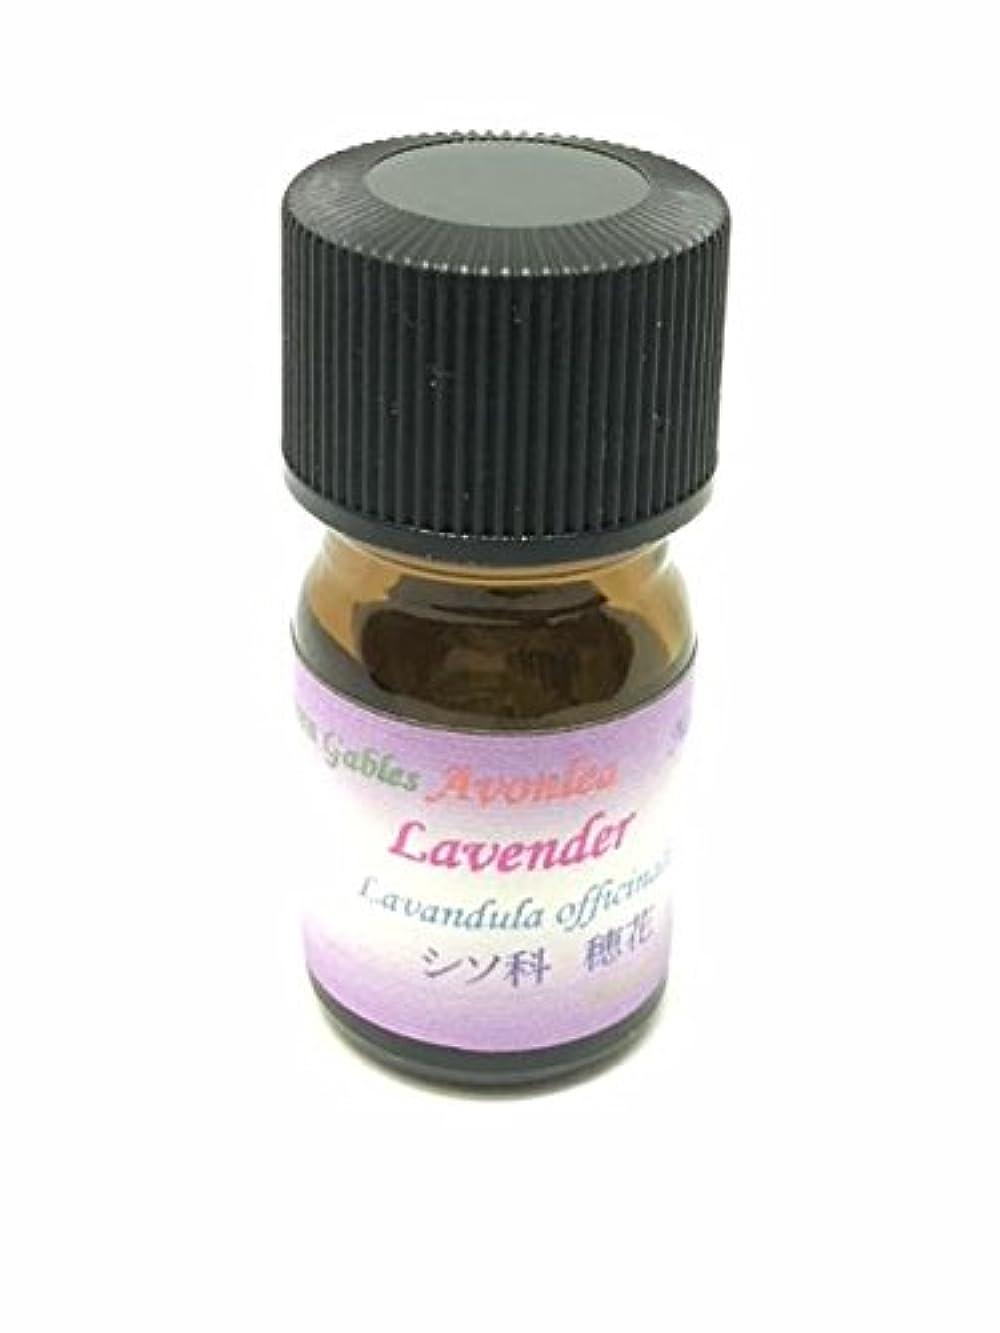 勇気消化腹部ラベンダーブルガリア ピュアエッセンシャルオイル精油 Lavender Bulgaria (500ml)